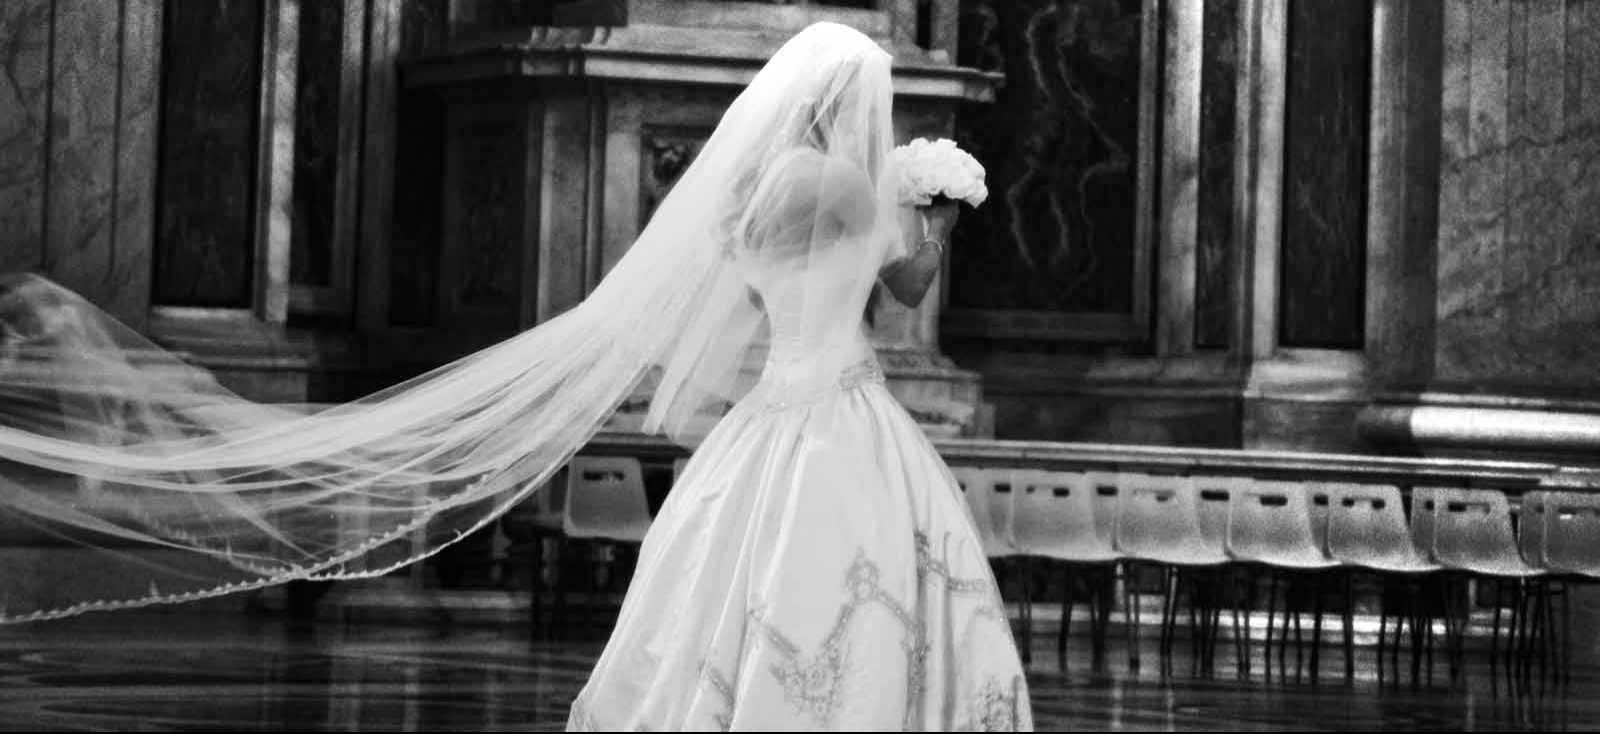 Wedding Ceremony Atheist Wedding Ceremony: Catholic Ceremony In Italy